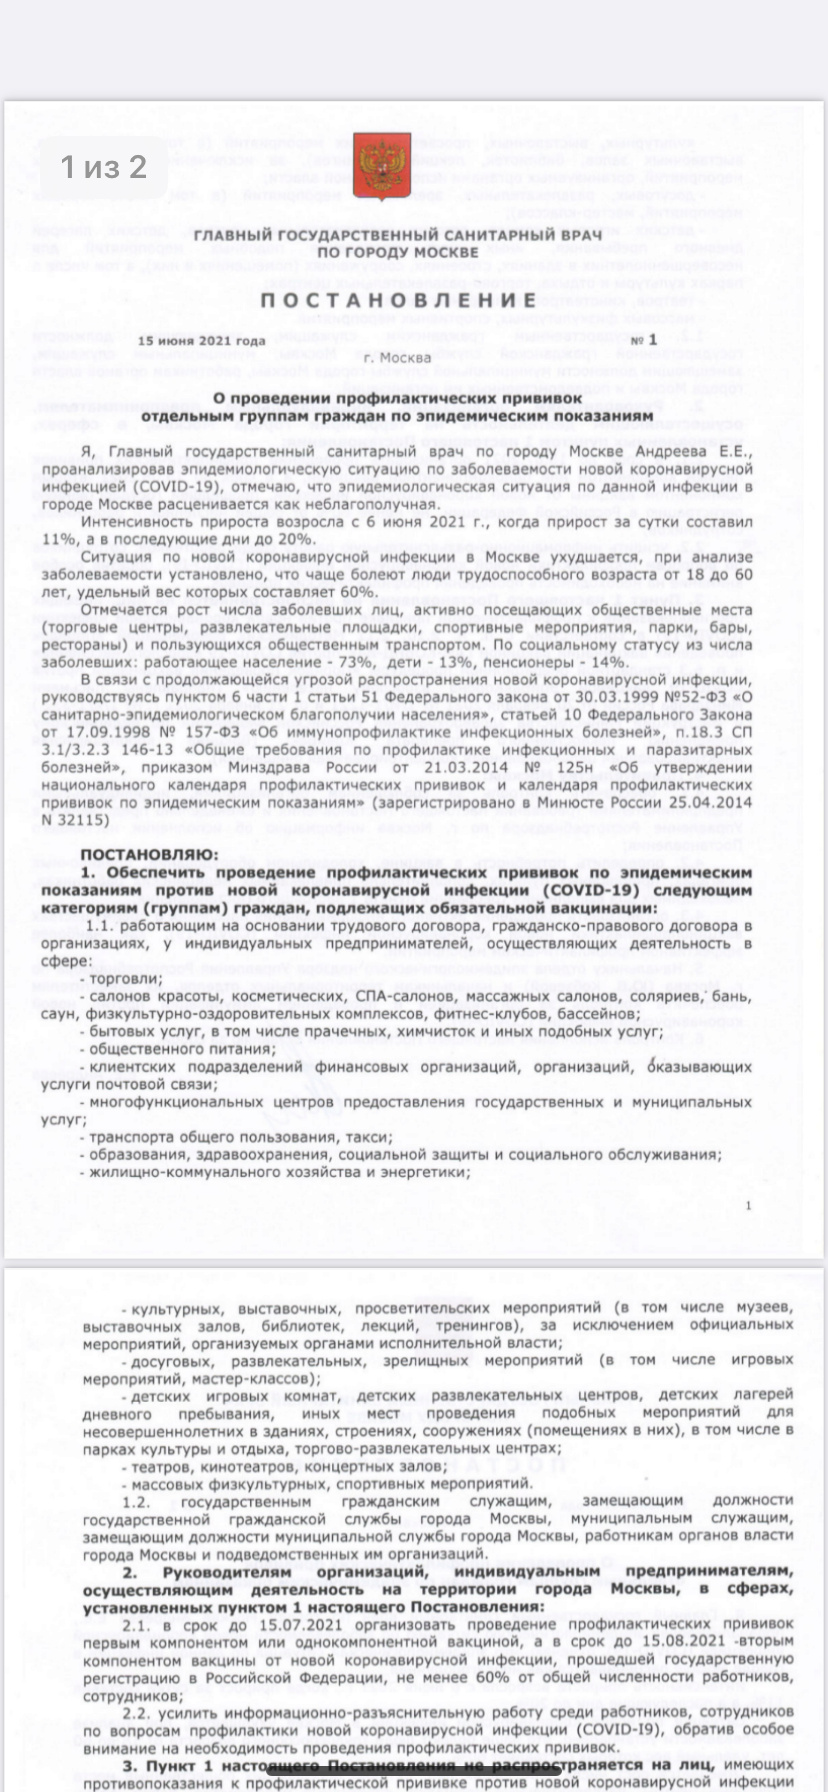 Саркоидоз и короновирус covid-2019 - Страница 6 31d07710